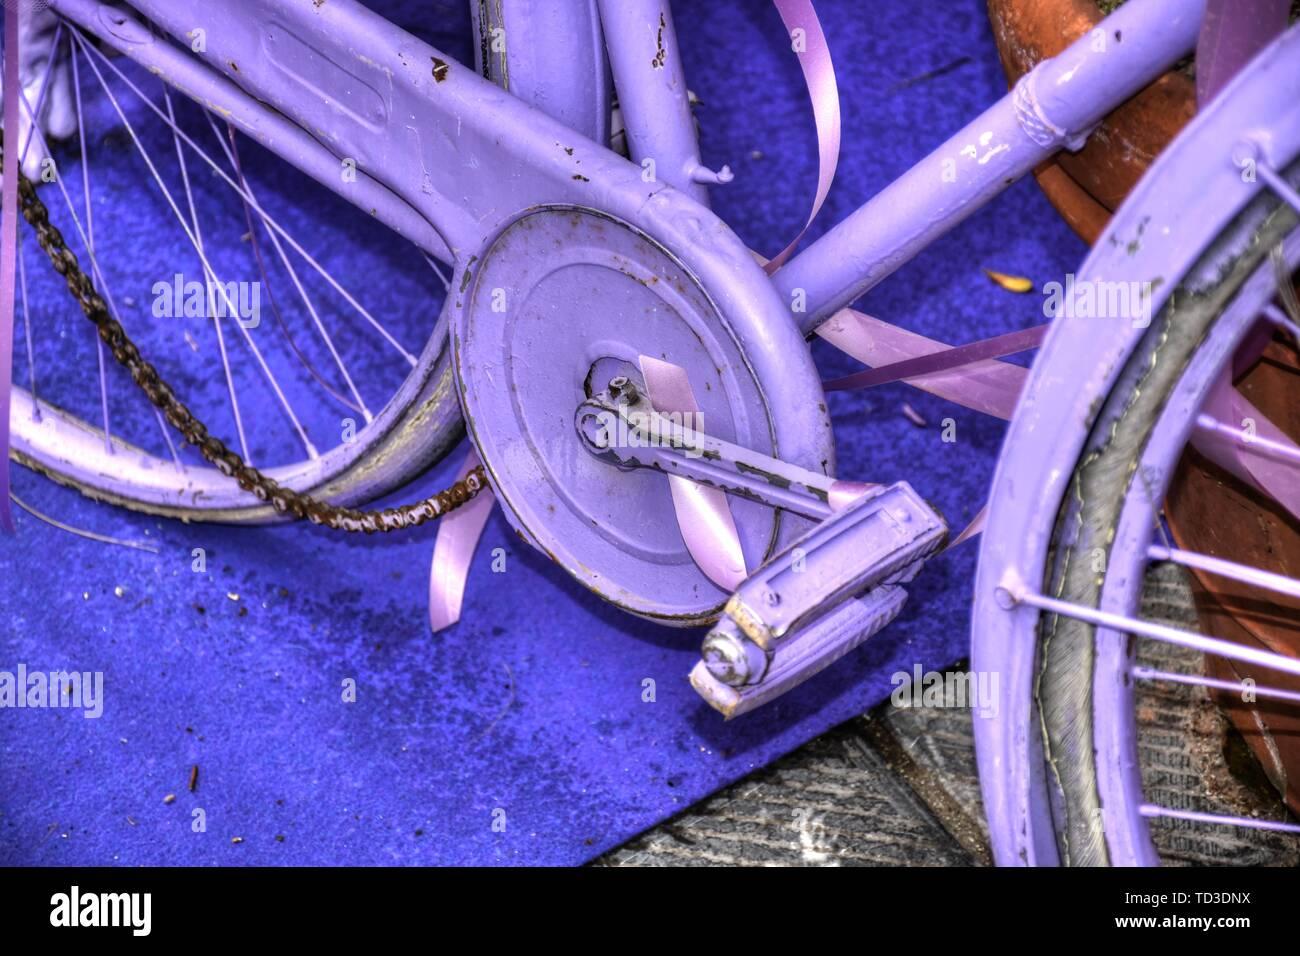 Fahrrad, Rad, Violett, lackiert, Rad, Reifen, defekt, Kette, Dynamo, Speichen, Vollgummi, Vollgummireifen, abgestellt, Kettenschutz, Halterung, Masche Stock Photo